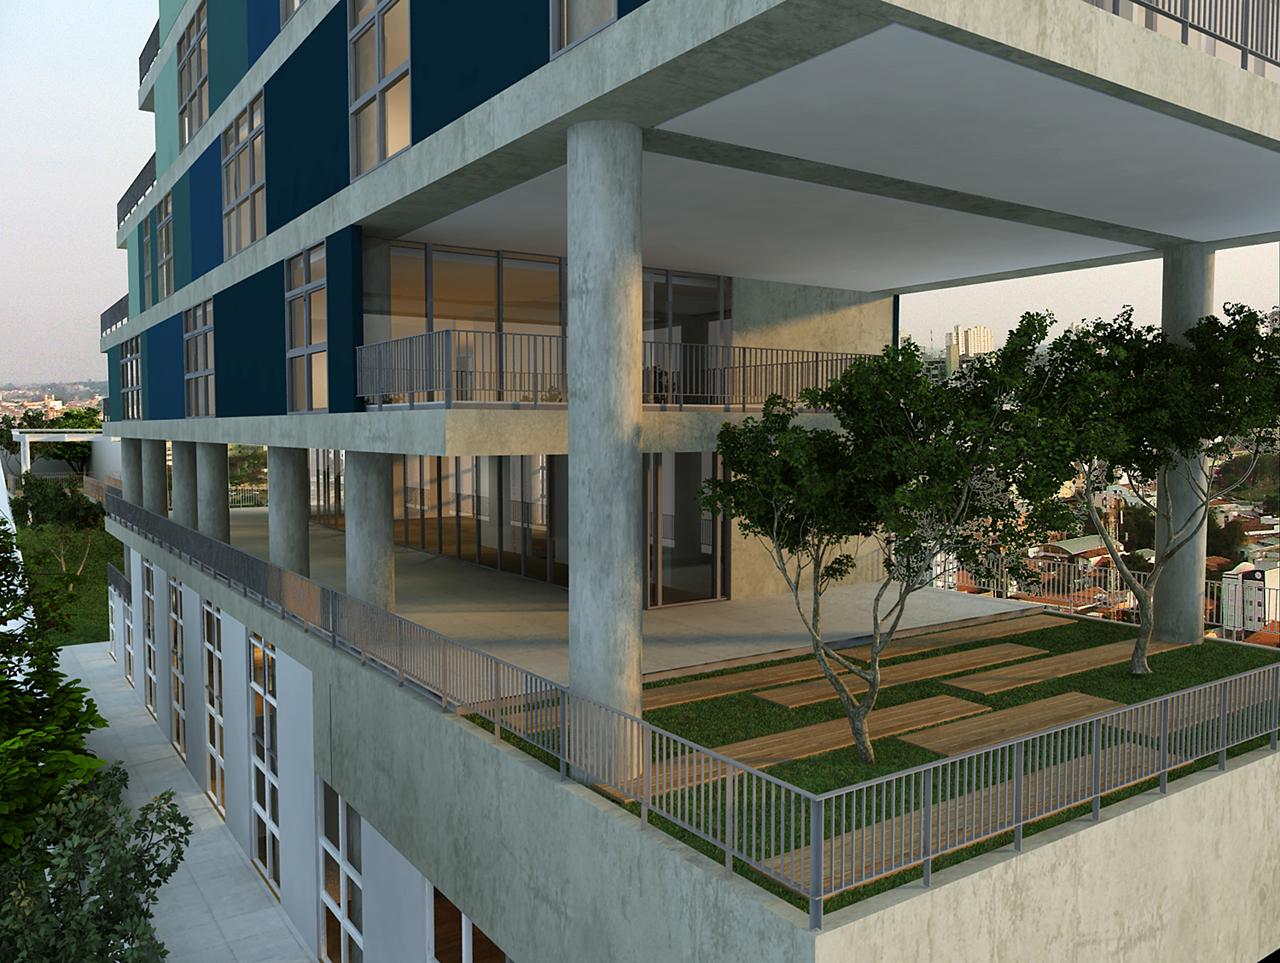 Fabuloso Galeria de Em Construção: Edifício Comercial João Moura / Nitsche  RM41